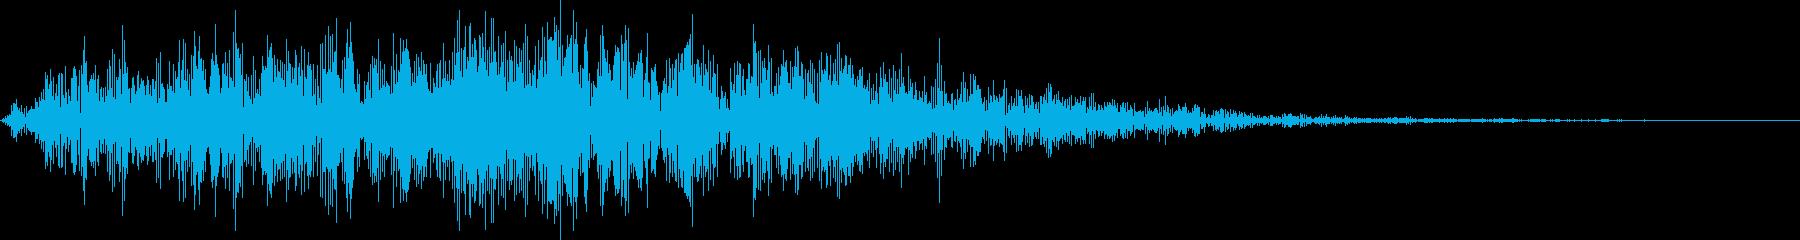 祟り・呪い(ノイズ有り)2の再生済みの波形